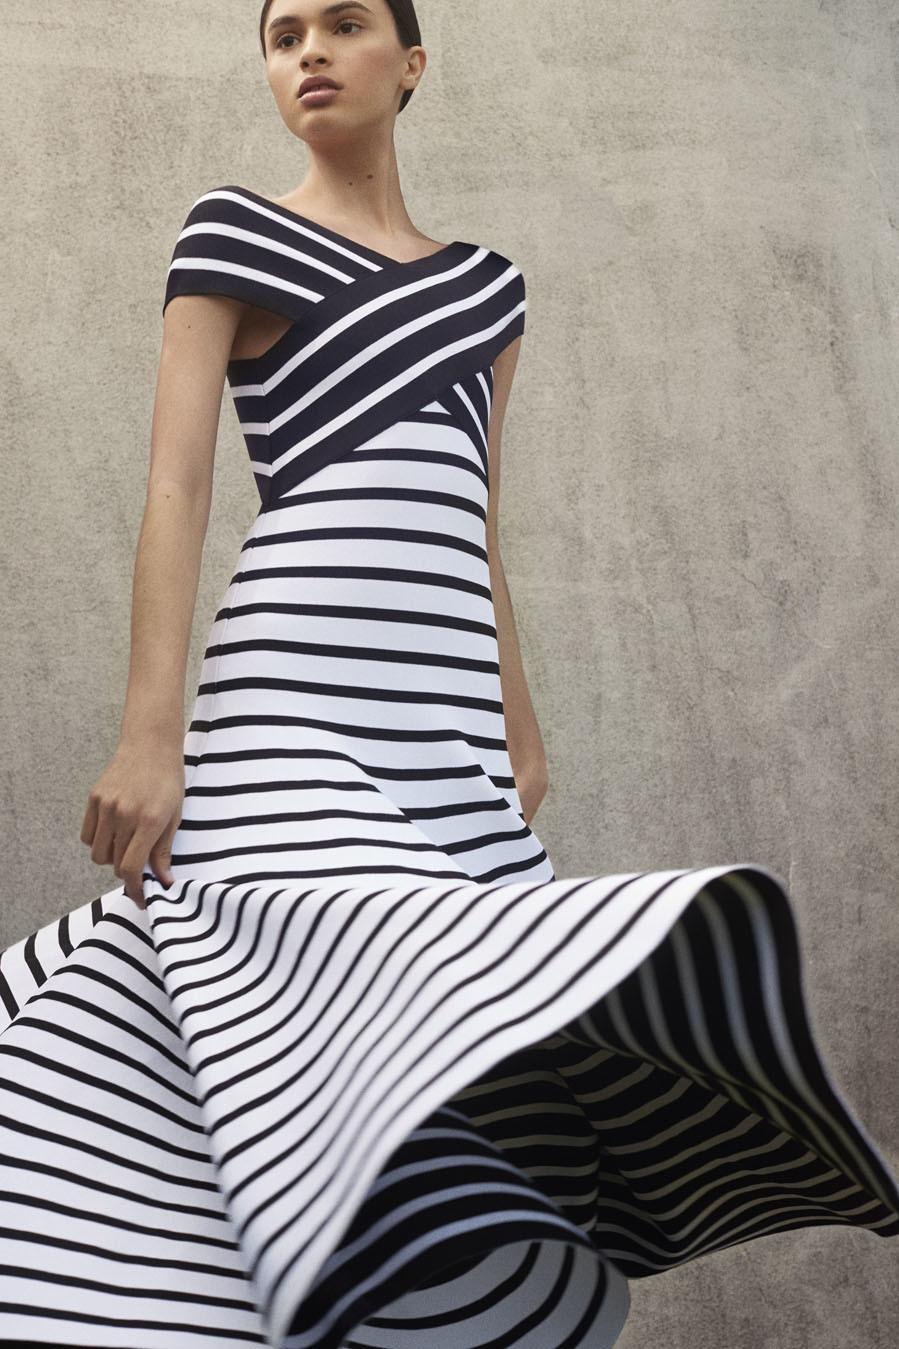 d75252558a Colección Resort 2018 de Carolina Herrera: vestido de rayas black&white